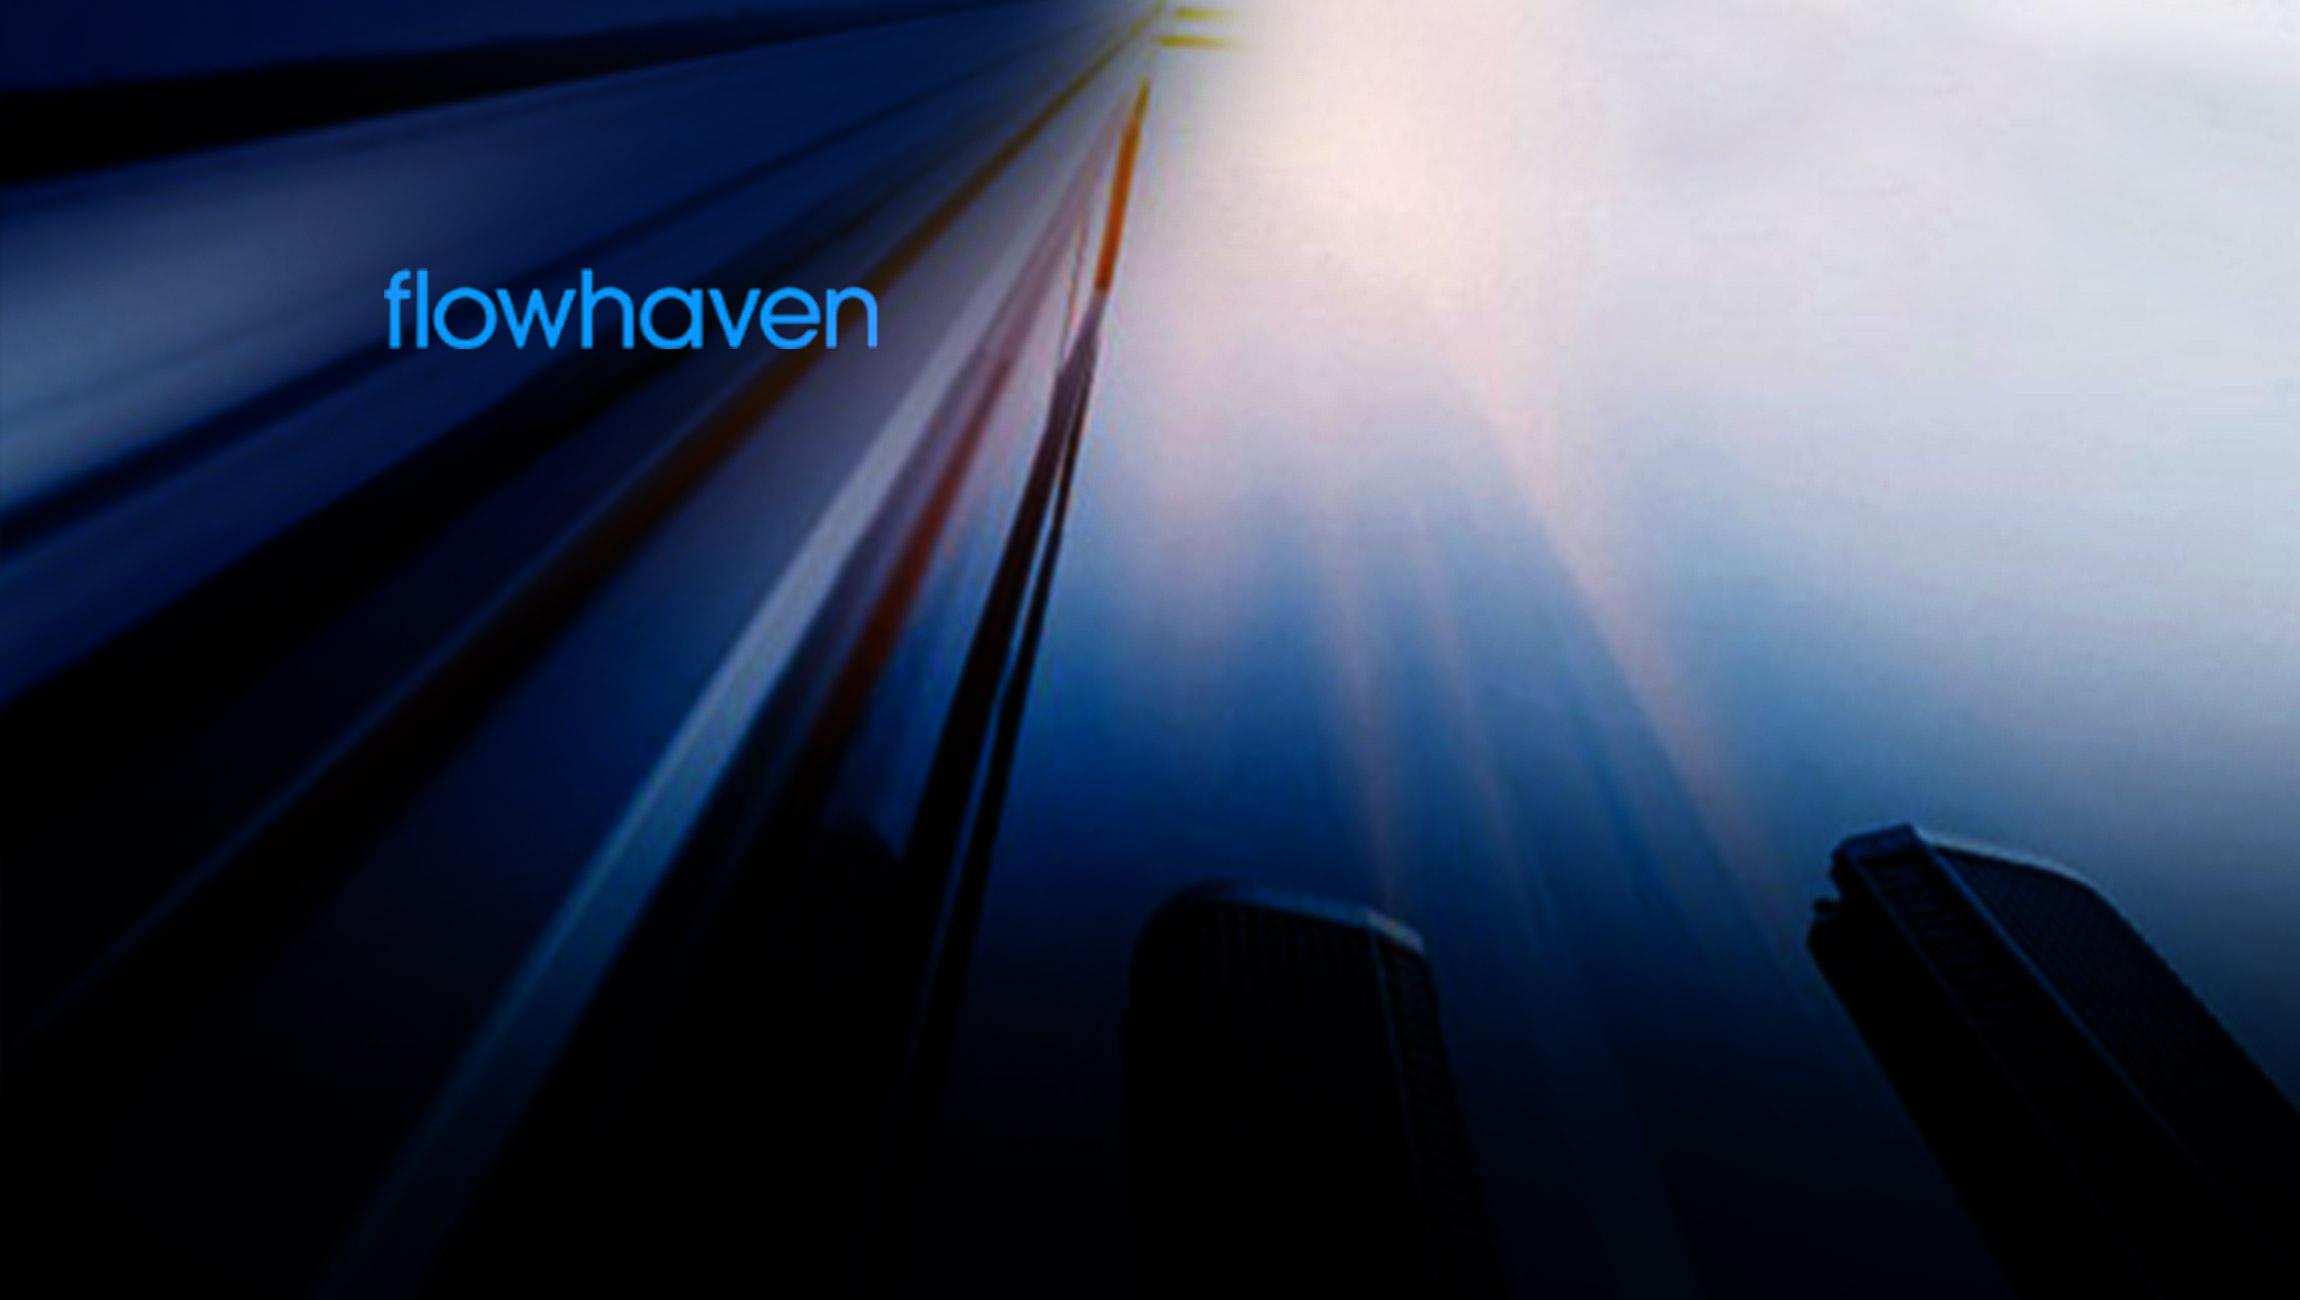 Flowhaven Opens London Office, Announces 2020 Momentum